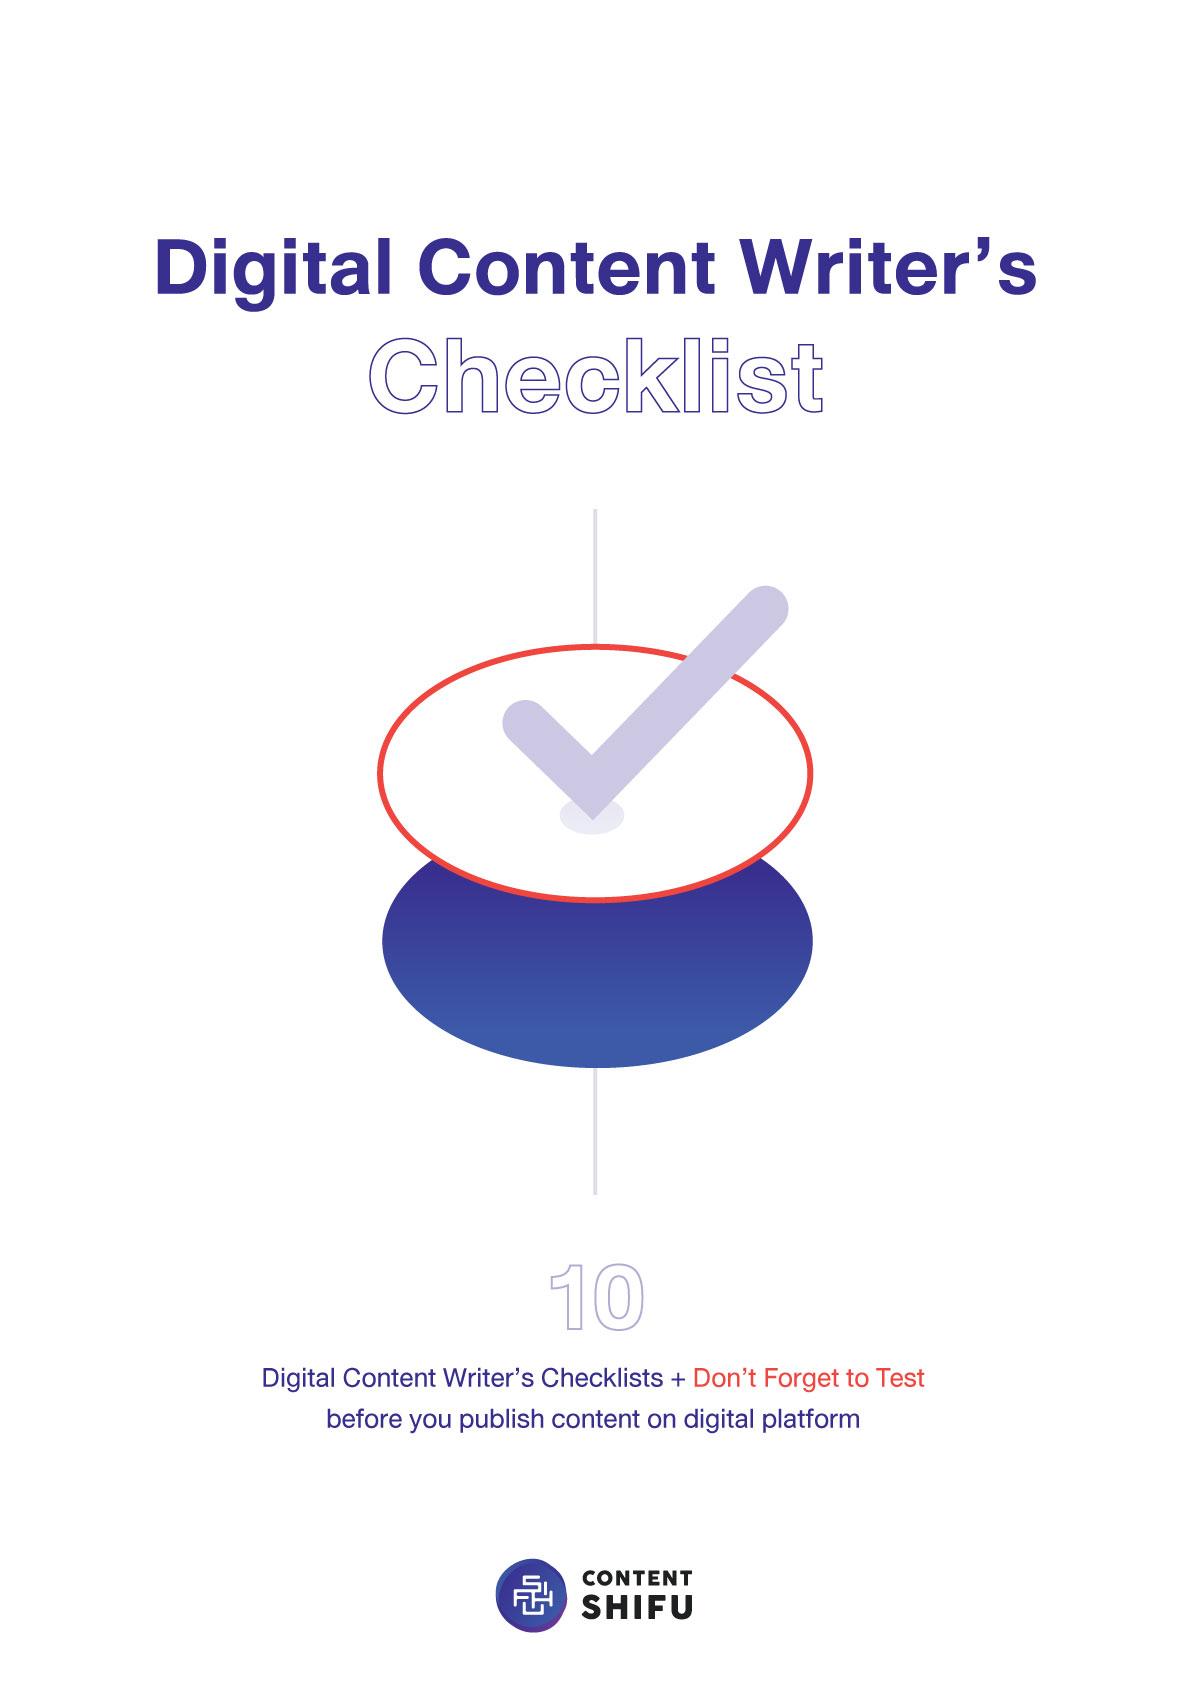 Digital Content Writer Checklist